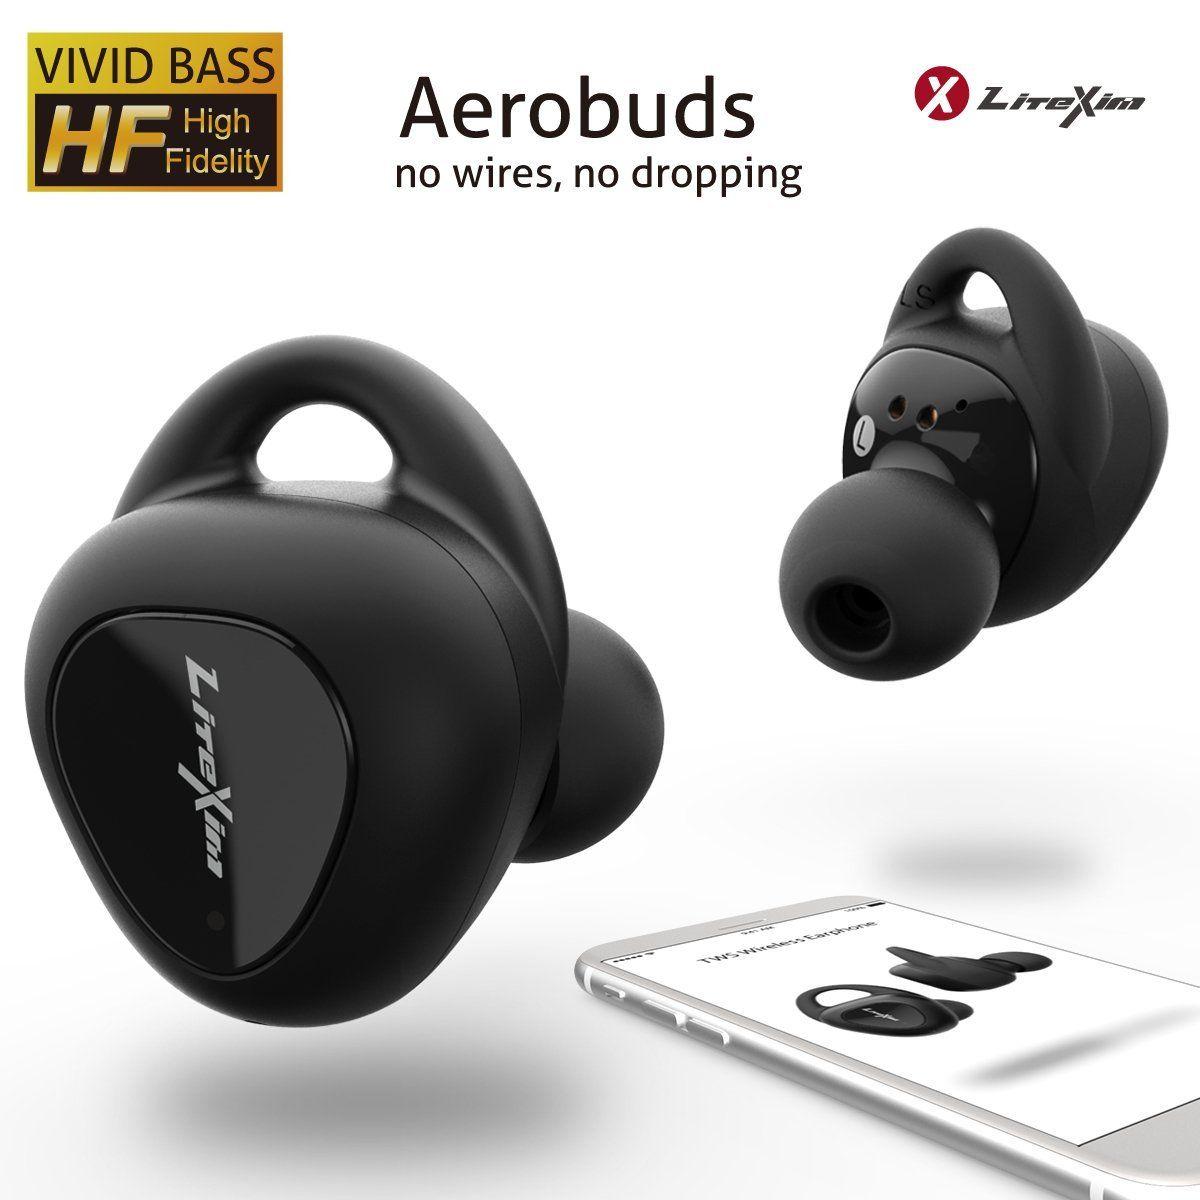 Amazon Com Wireless Earbuds Litexim Aerobuds True Wireless Earbuds Bluetooth Earbuds With Mic Noise Cancell Noise Cancelling Earbuds Earbuds Wireless Earbuds